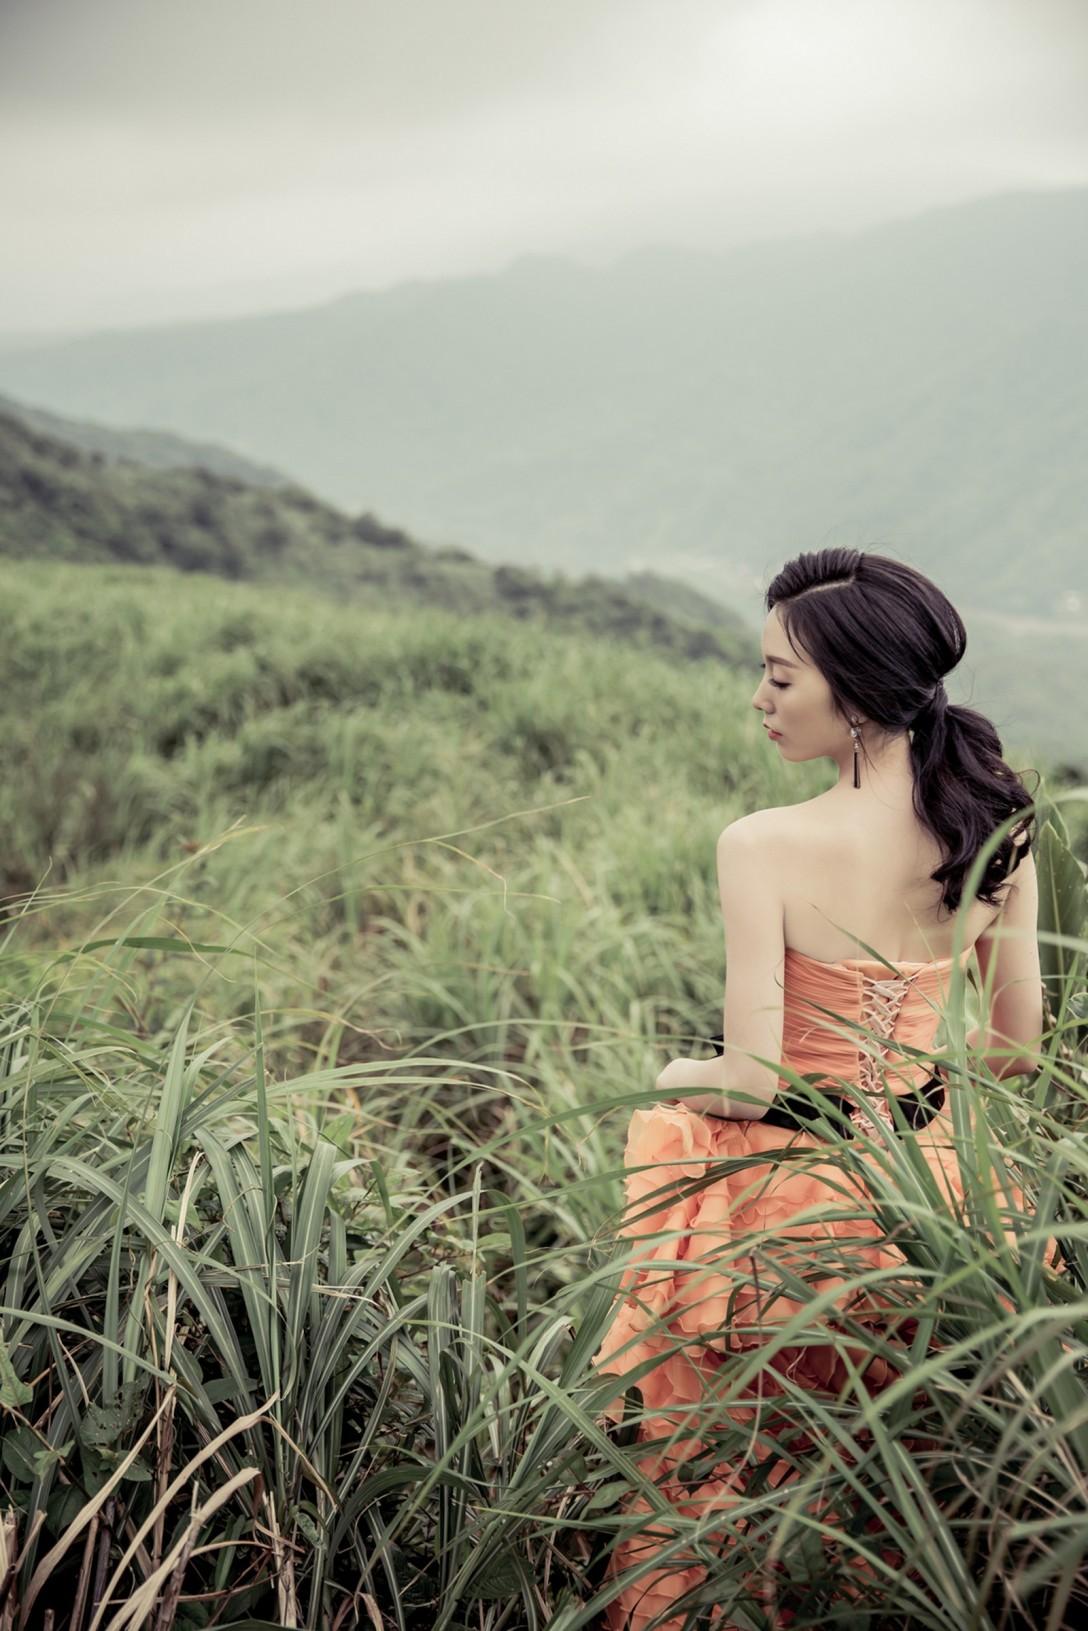 自助婚紗,自助婚紗推薦,自助婚紗風格,婚紗照,731